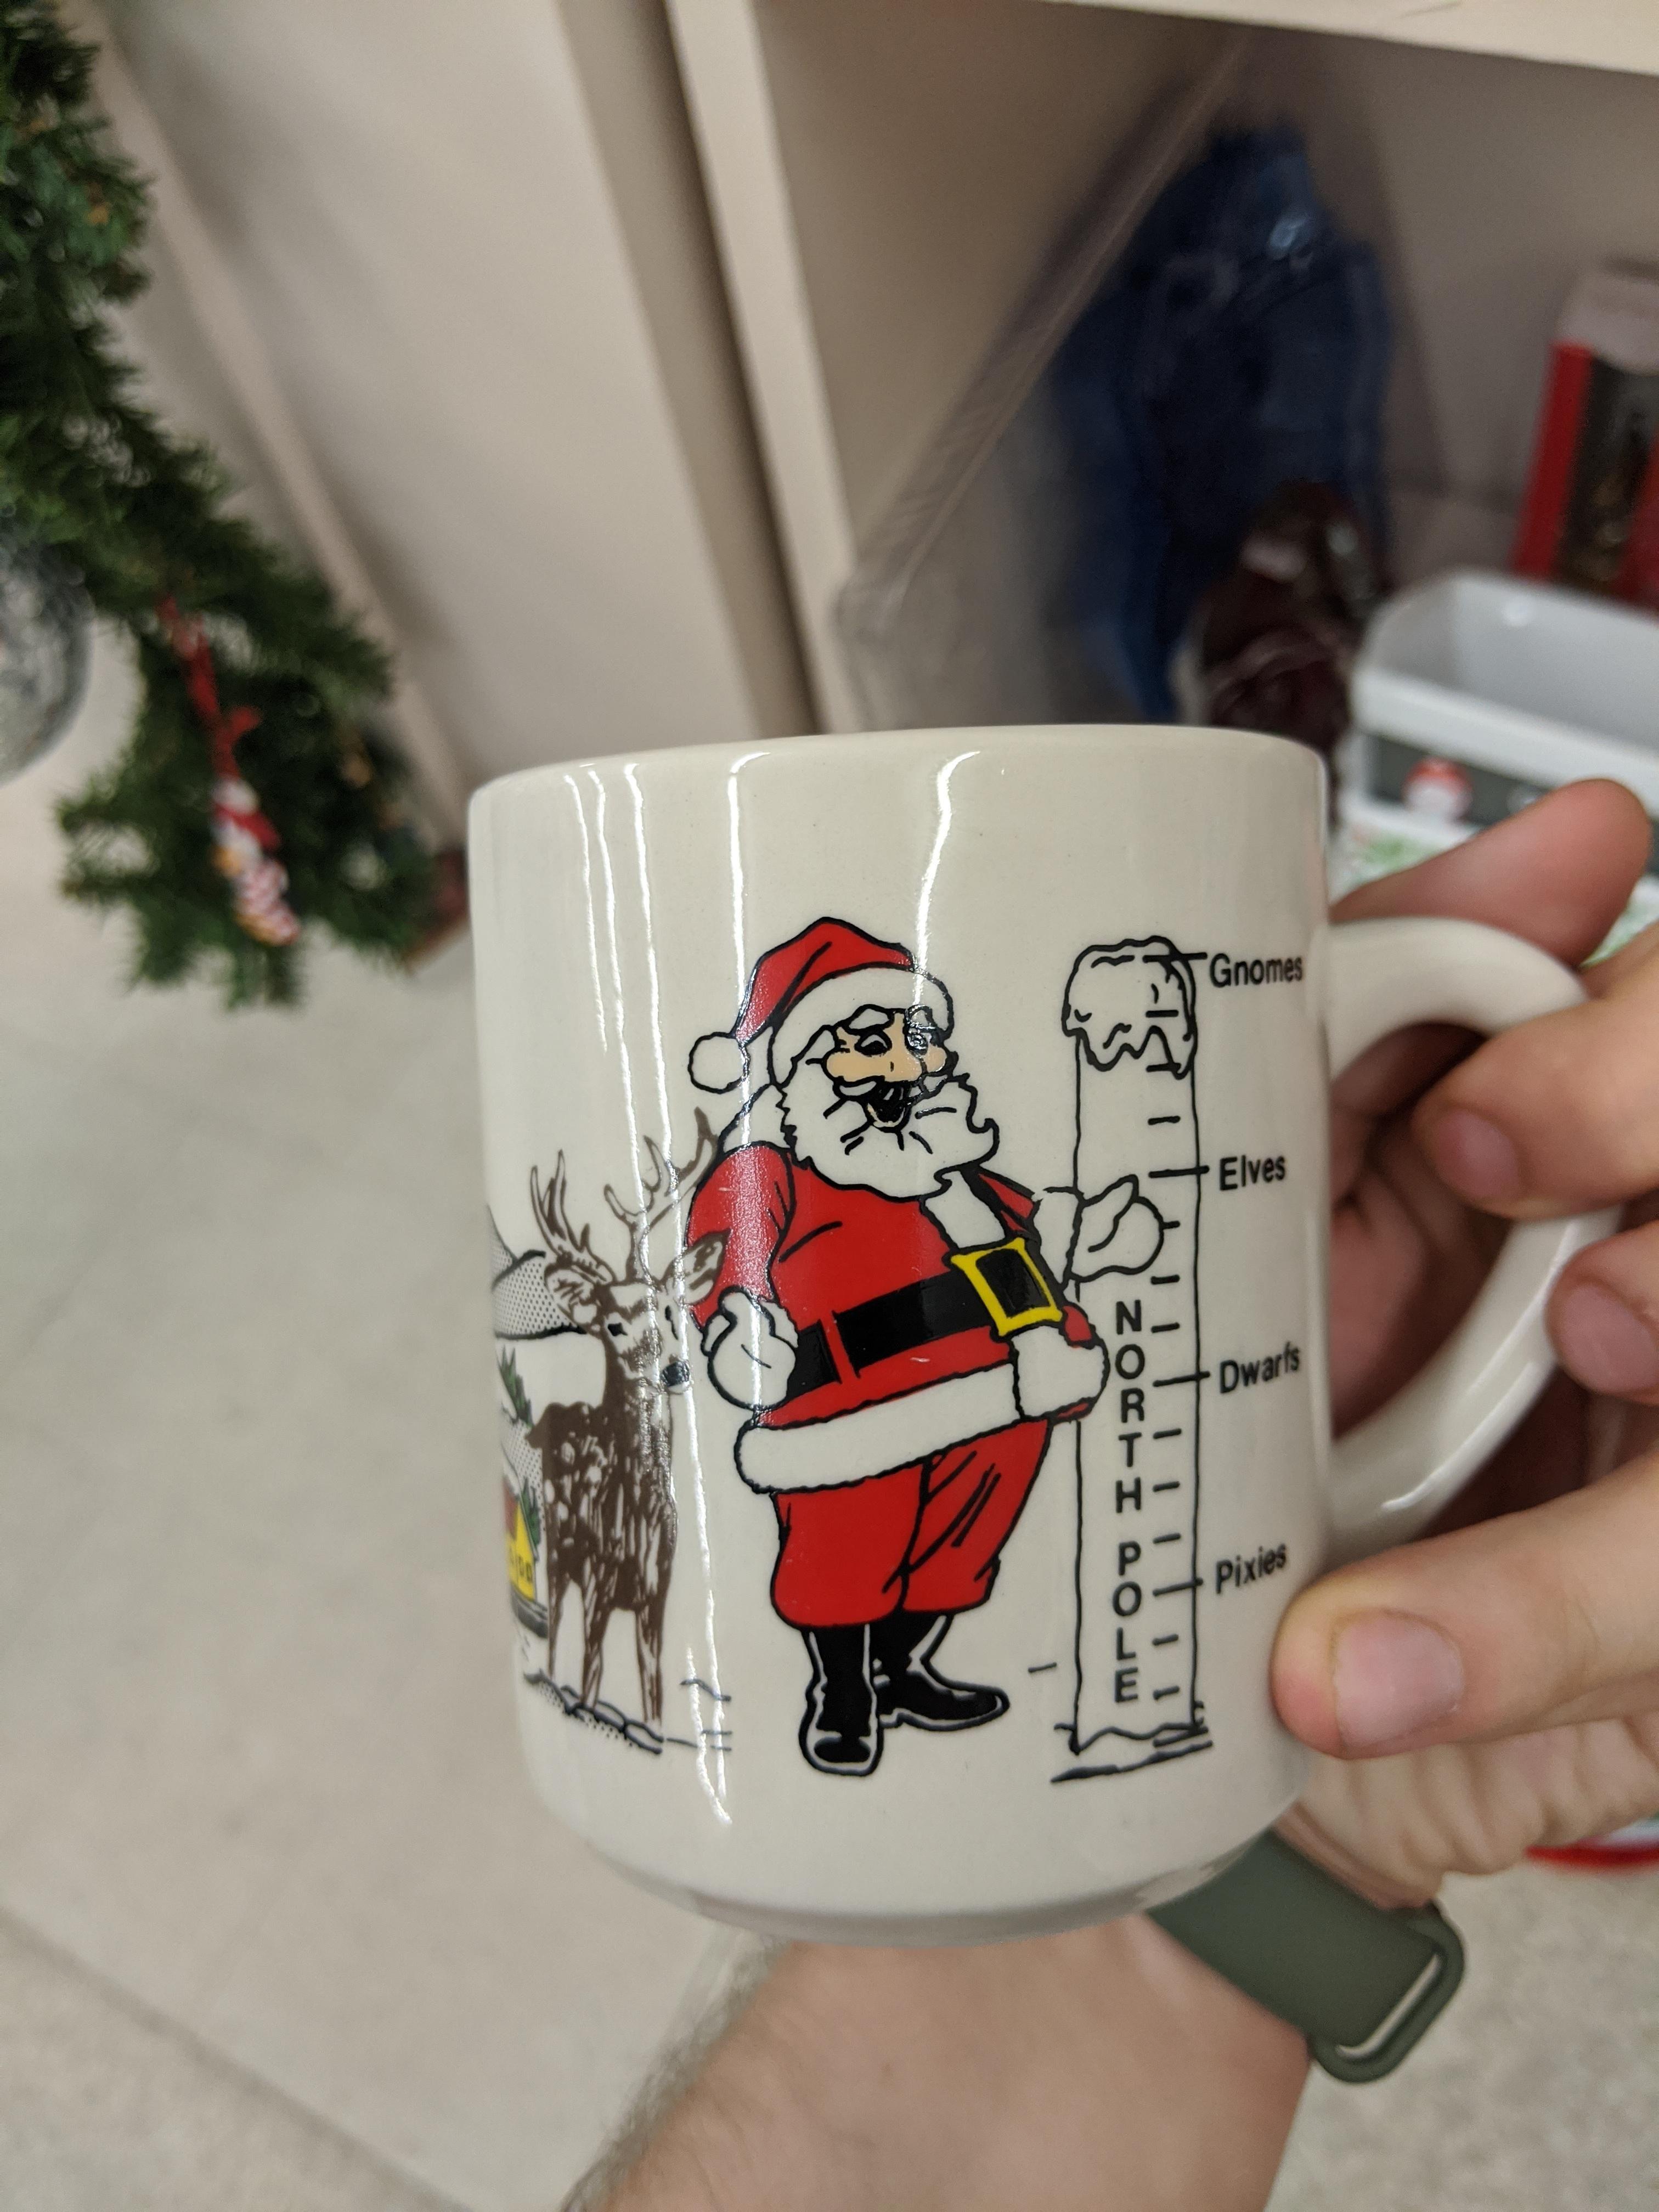 This Christmas Mug Has A Santa Next To A Height Chart Coffee Coffeemug Mug Cafe Espresso Photography Coffeeaddict Yu Christmas Mugs Mugs Coffee Addict